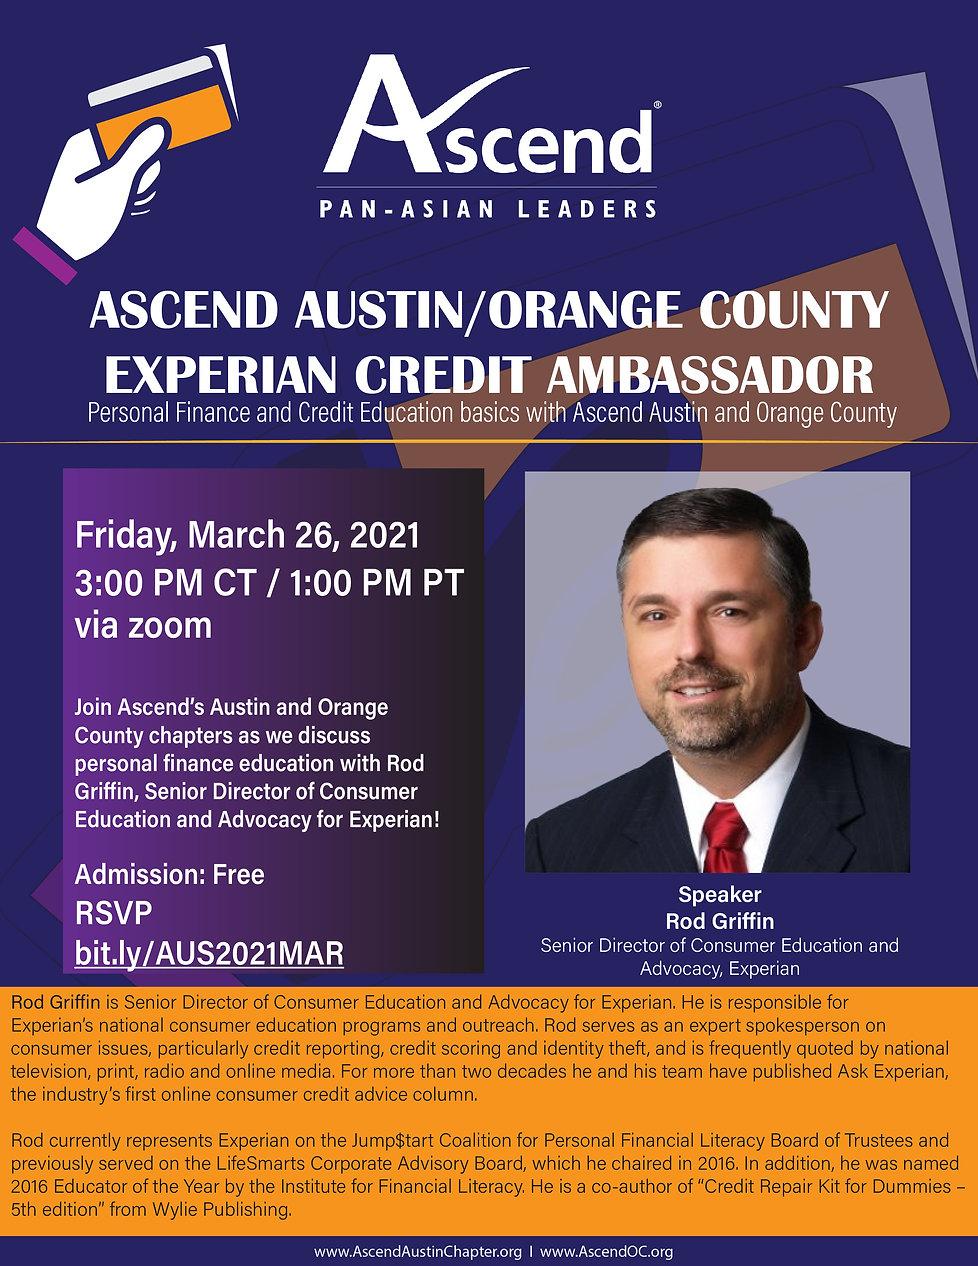 Ascend Austin OC event flyer #2V2.jpg